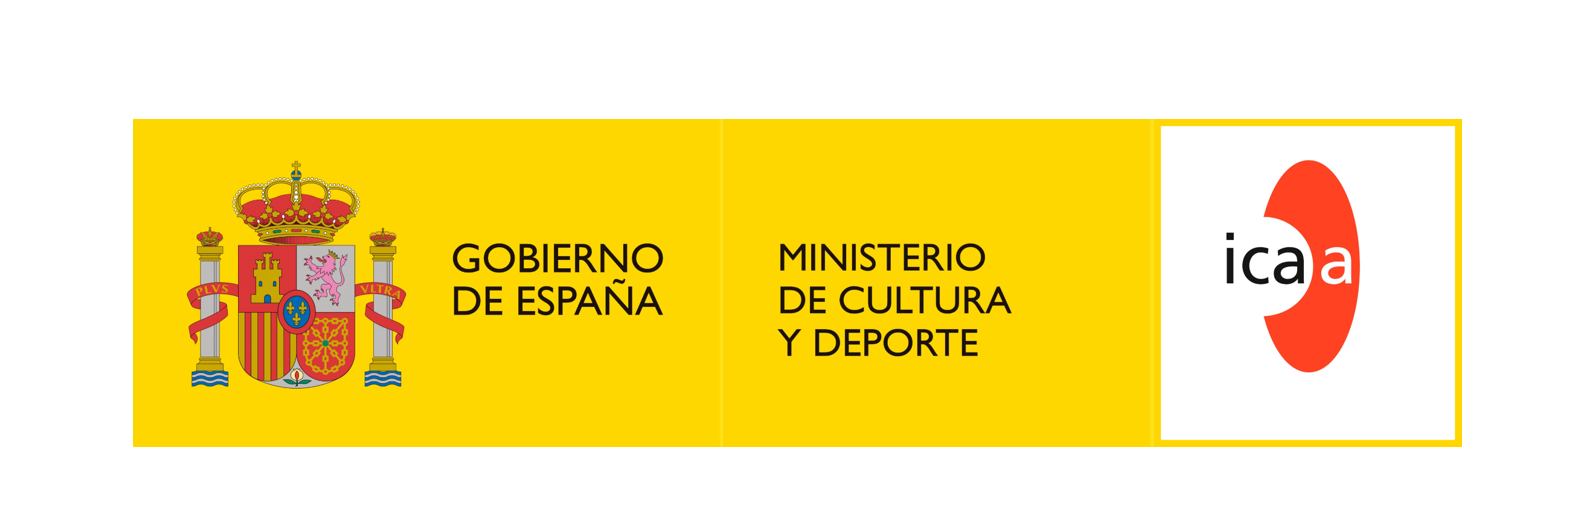 España - Icaa